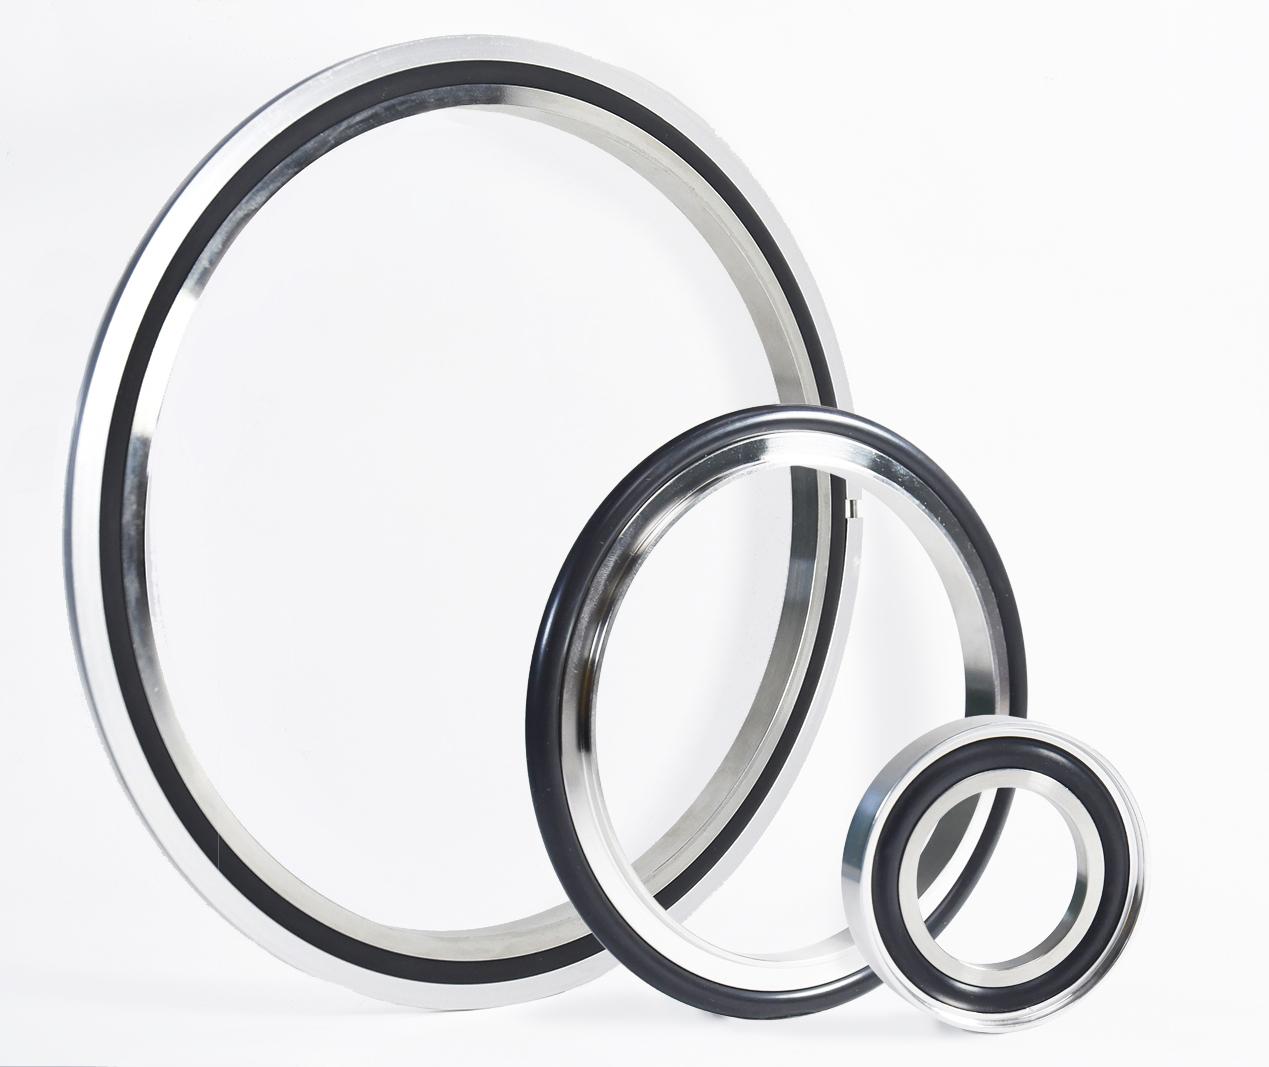 真空中心環 image